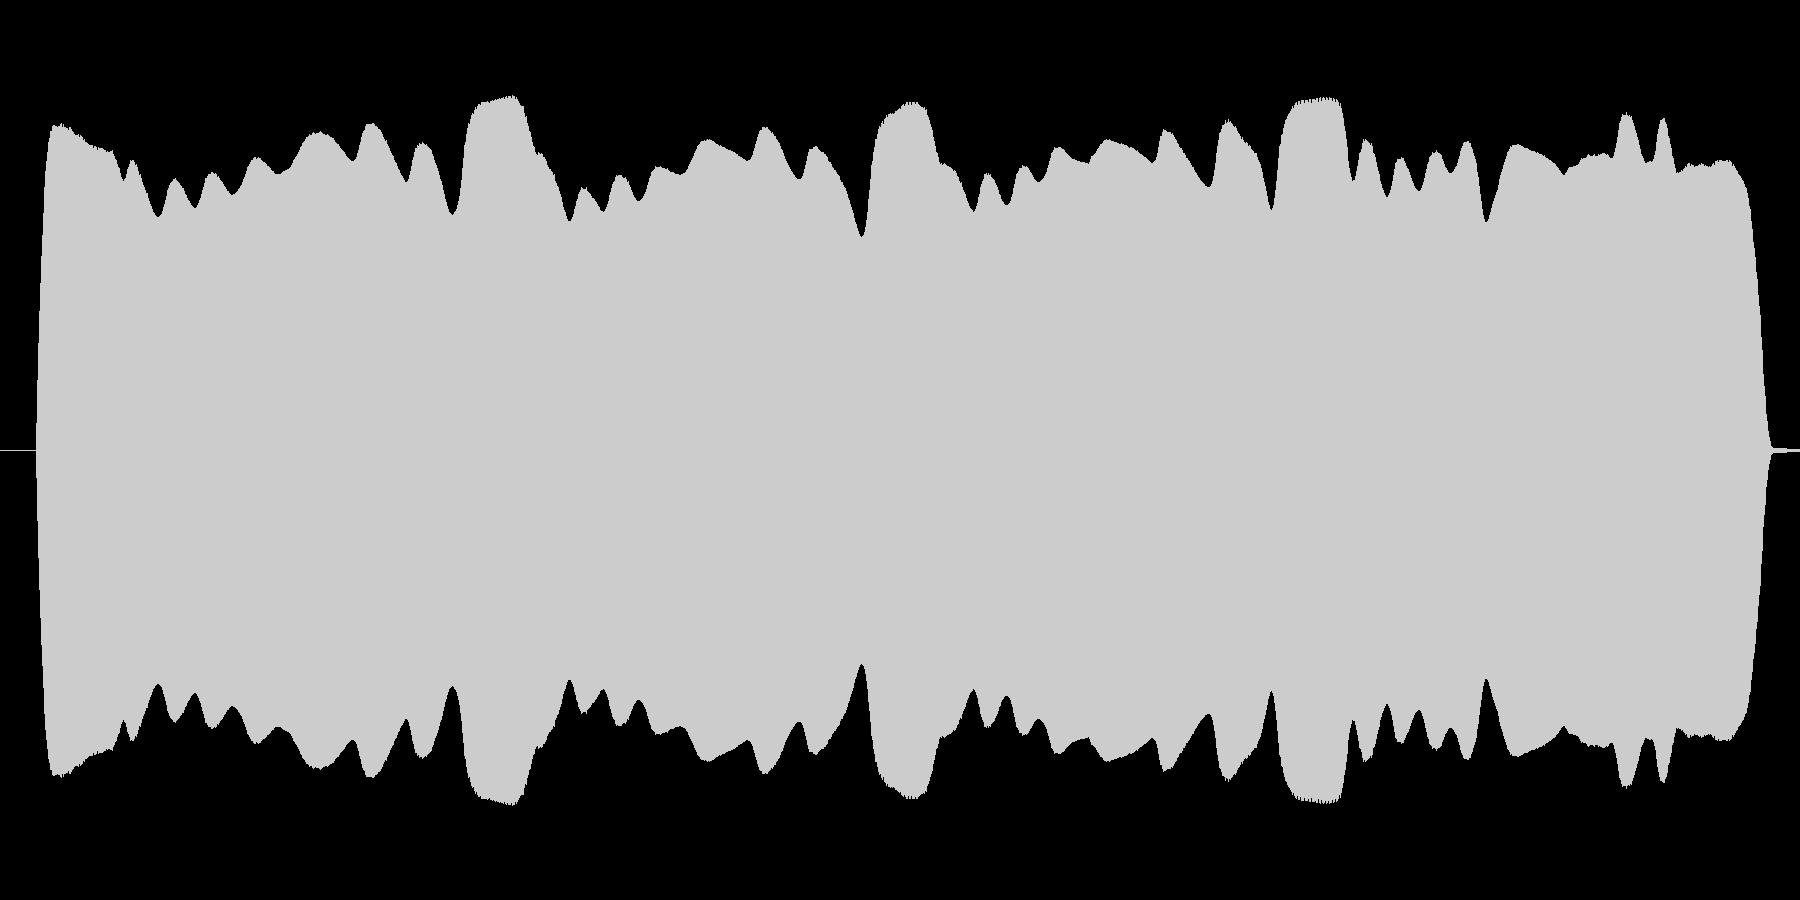 ブワンブワンまわるテルミン高音域寄りの未再生の波形